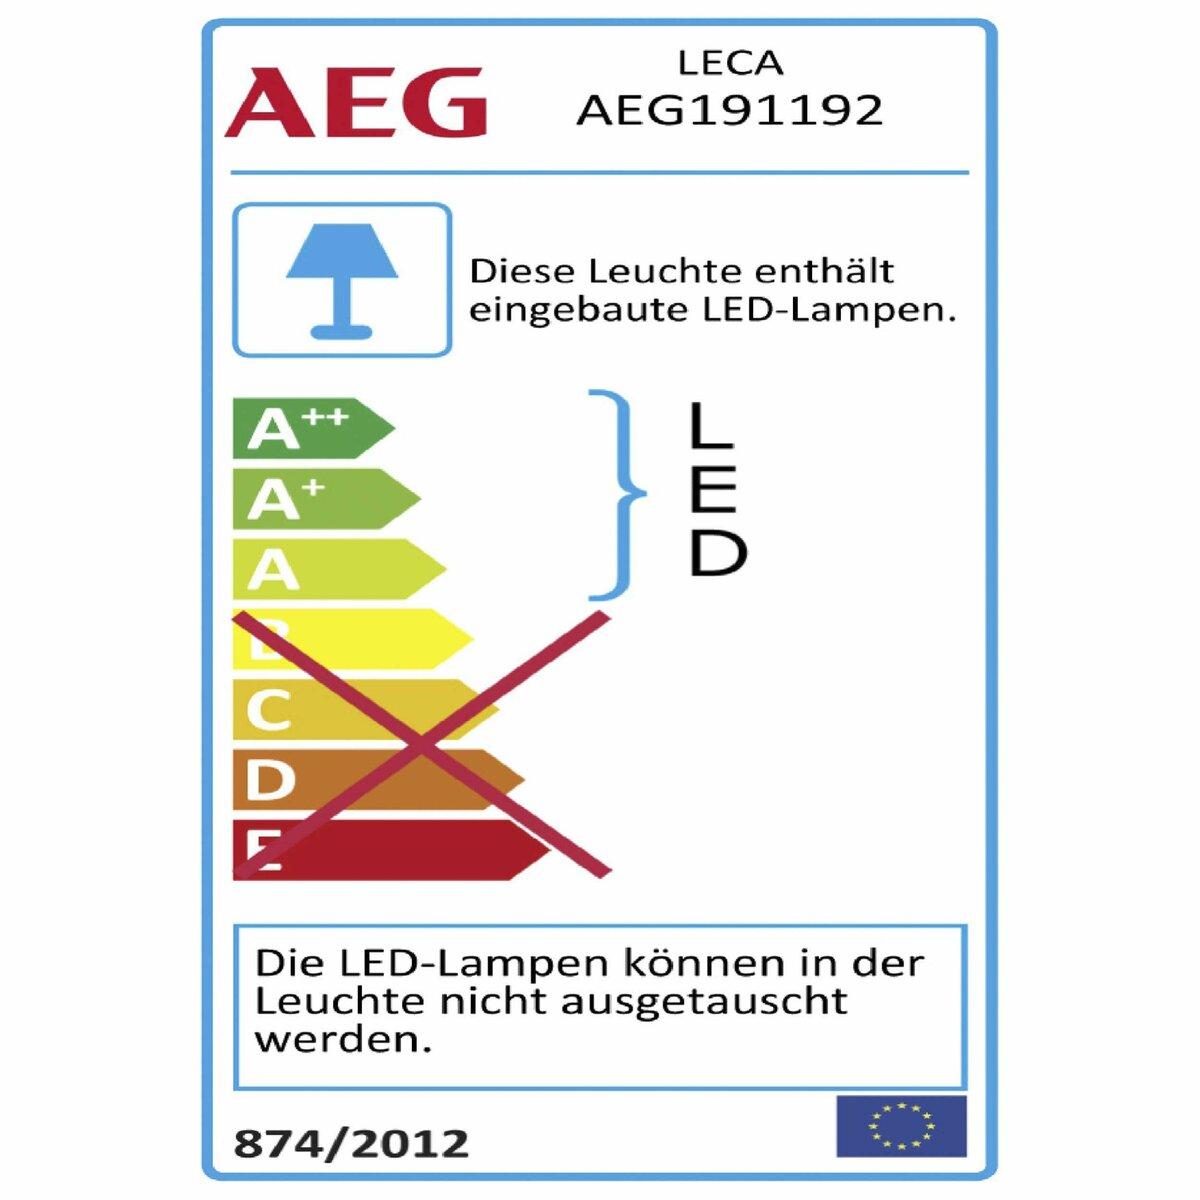 Bild 3 von AEG LED-Deckenleuchte   Leca